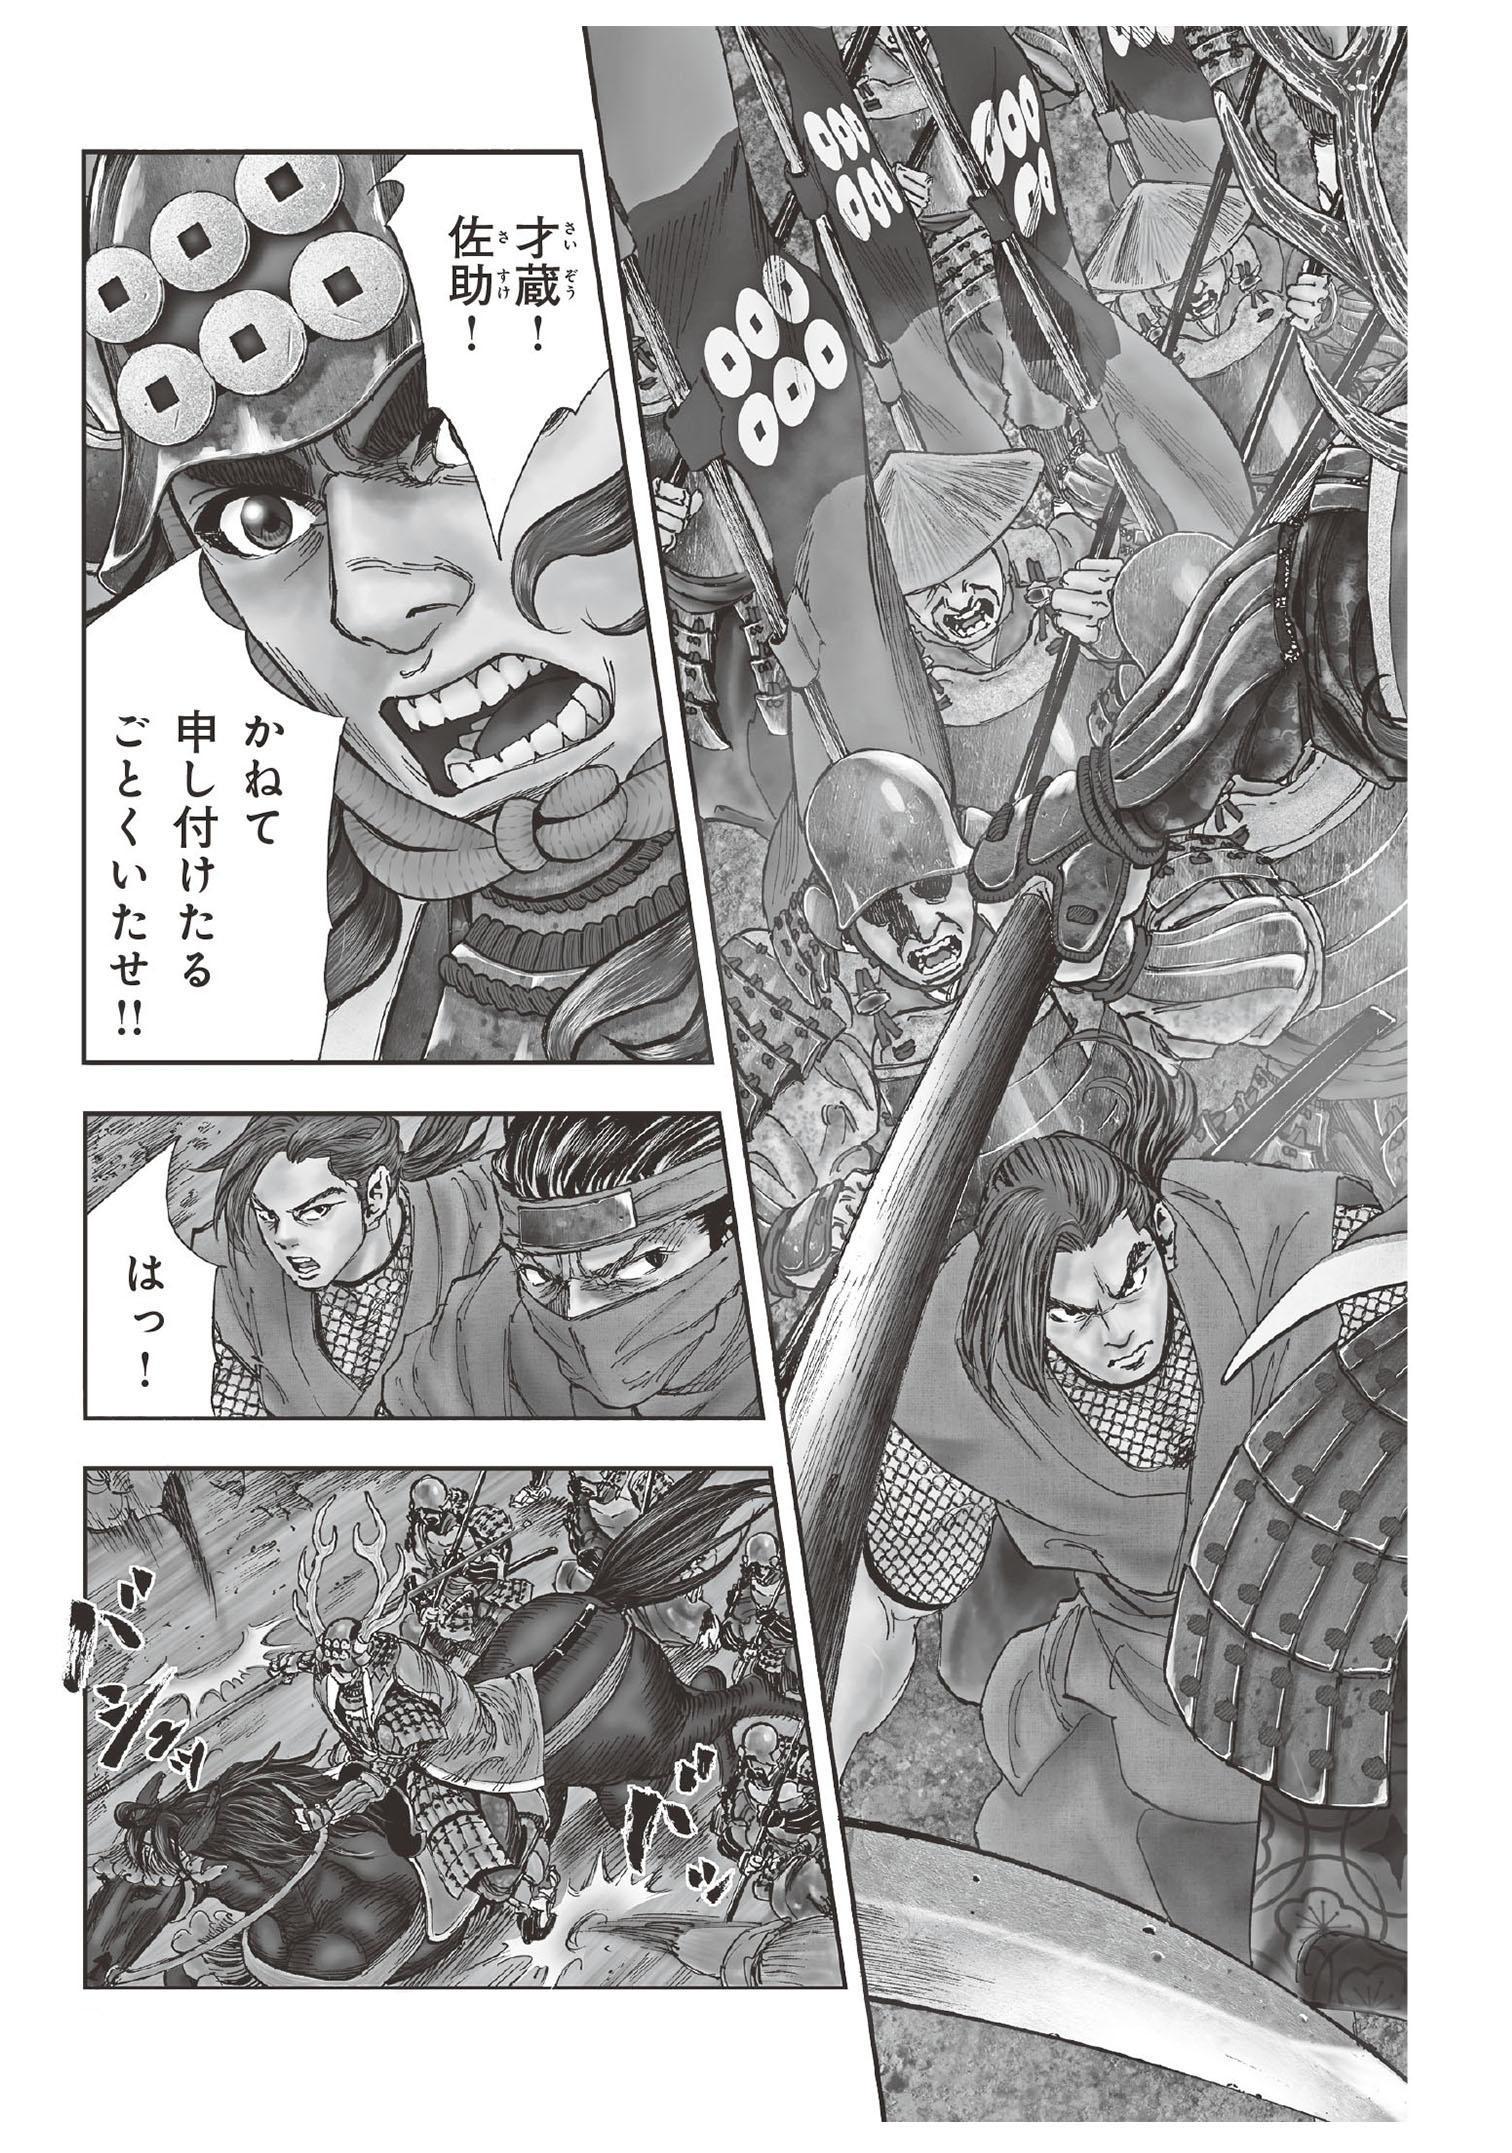 真田太平記 第0話「日本一の兵」①sanada01_007.jpg